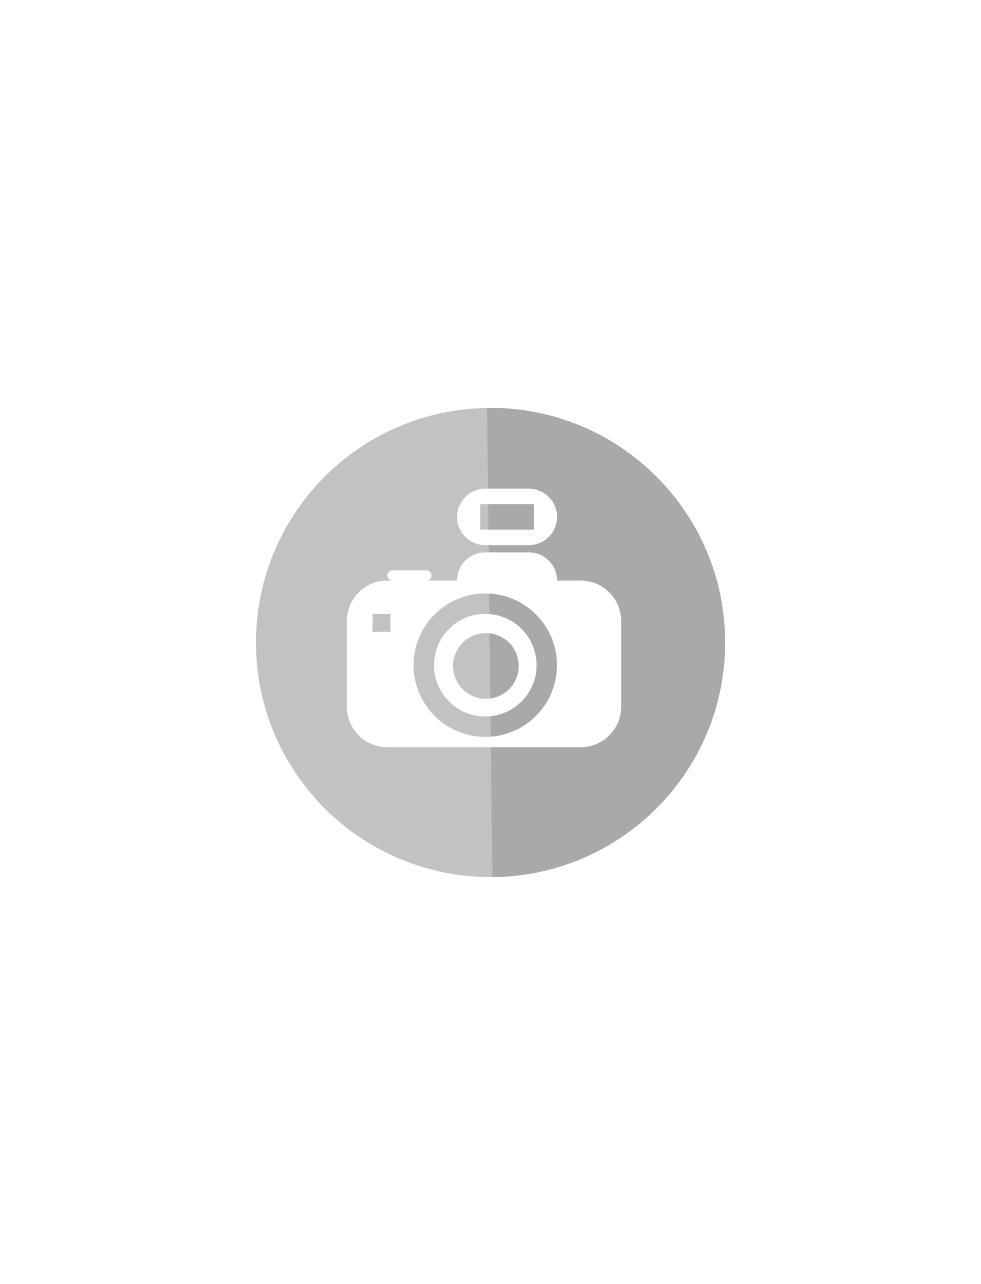 60030280_sparepart/Heugabel 1.2.3